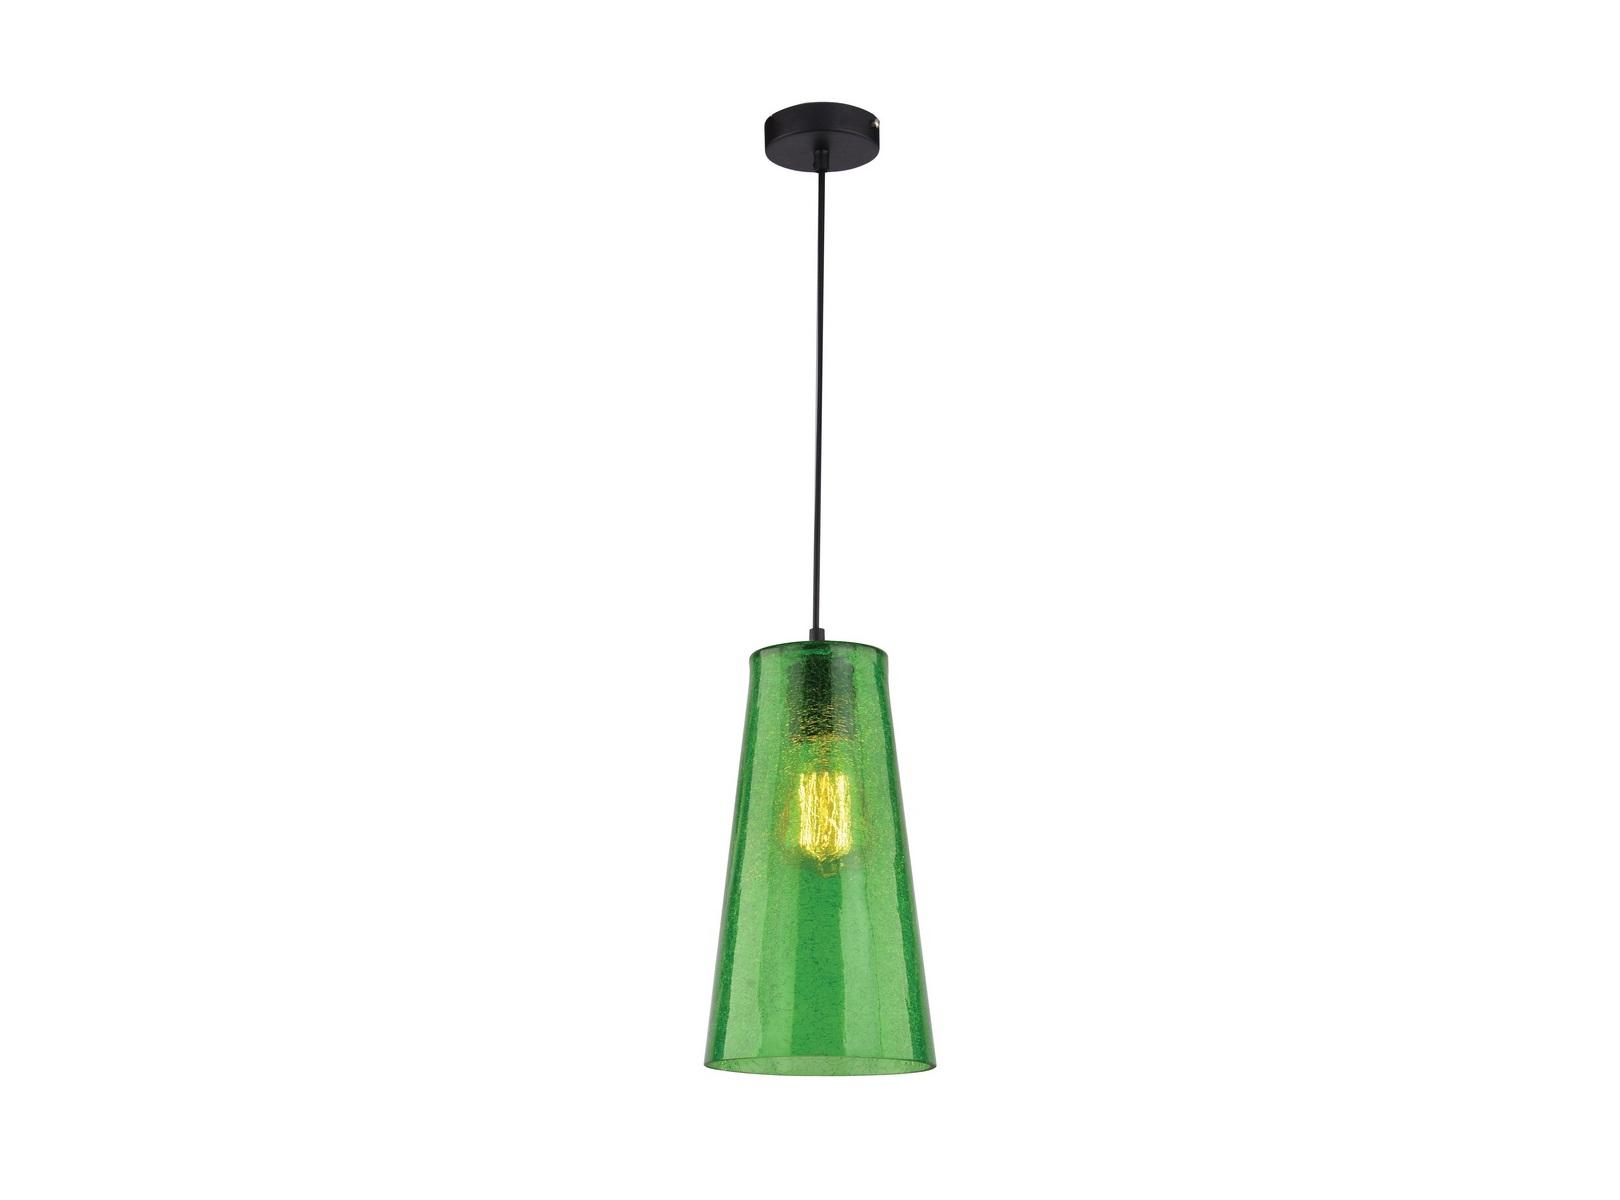 Светильник подвесной Iris ColorПодвесные светильники<br>&amp;lt;div&amp;gt;Вид цоколя: E27&amp;lt;/div&amp;gt;&amp;lt;div&amp;gt;Мощность: &amp;amp;nbsp;40W&amp;amp;nbsp;&amp;lt;/div&amp;gt;&amp;lt;div&amp;gt;Количество ламп: 1 (в комплект не входят)&amp;lt;/div&amp;gt;<br><br>Material: Стекло<br>Width см: None<br>Depth см: None<br>Height см: 100<br>Diameter см: 16